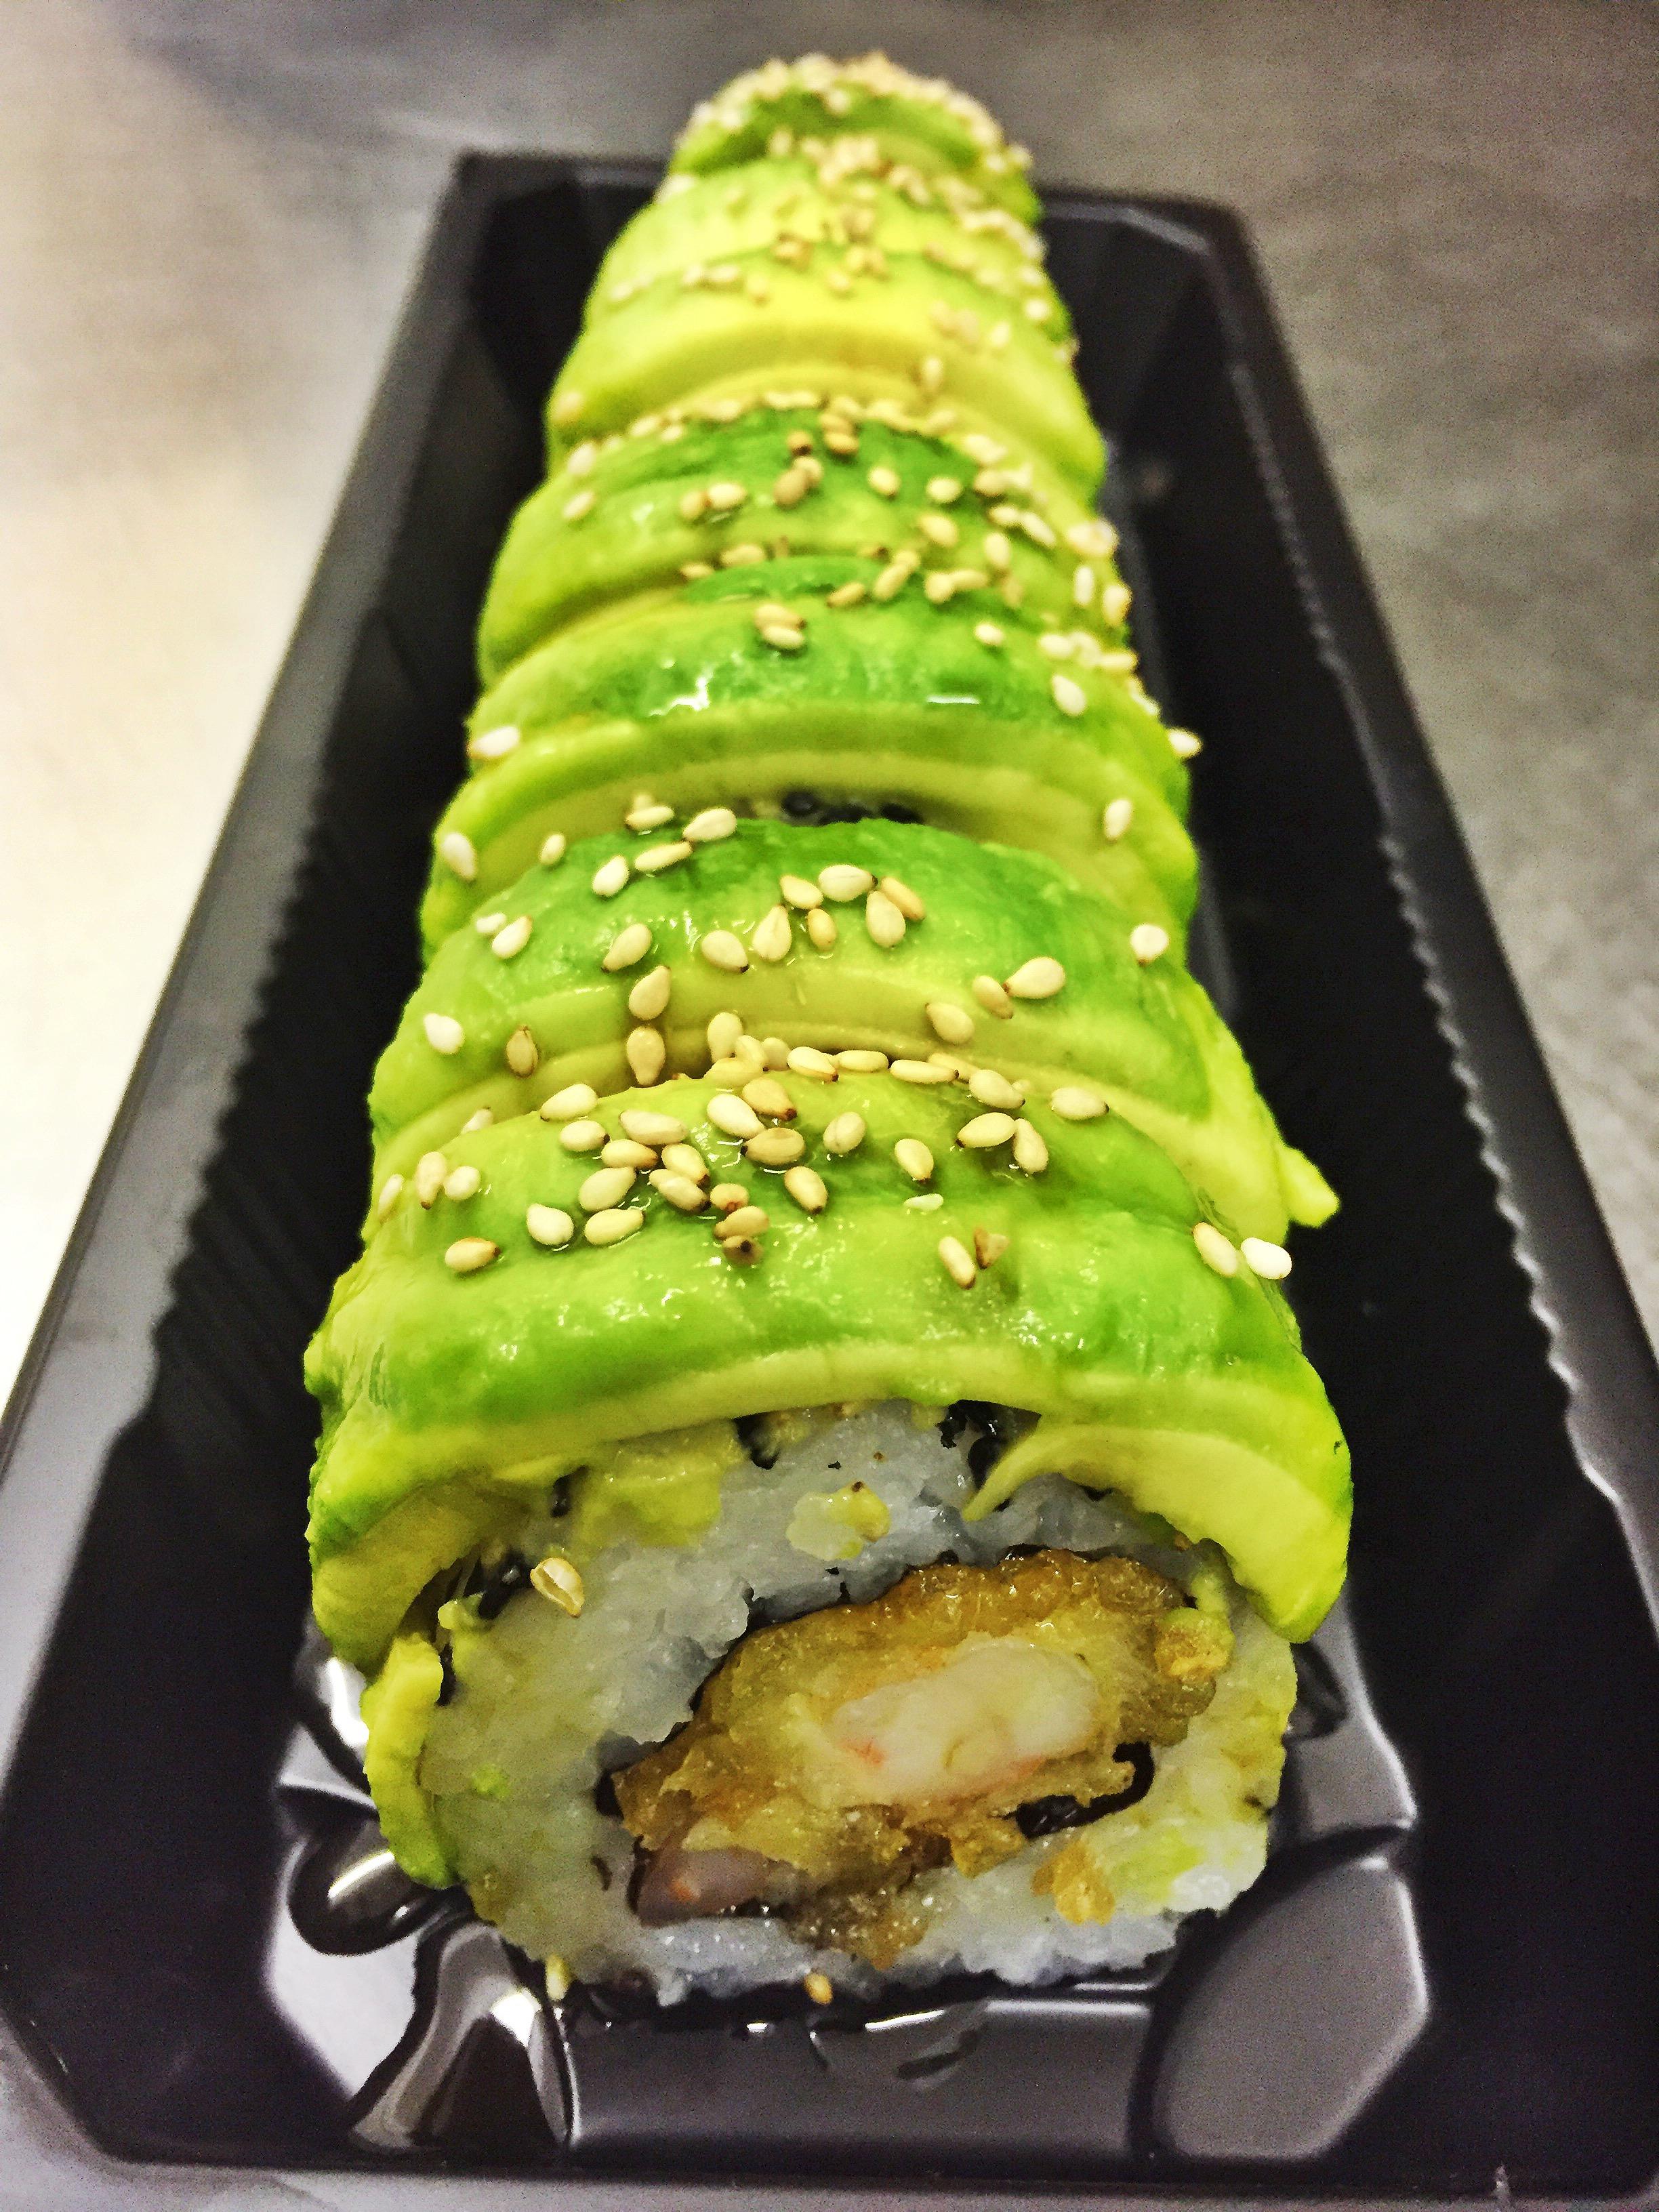 The Caterpillar Roll - £6.50